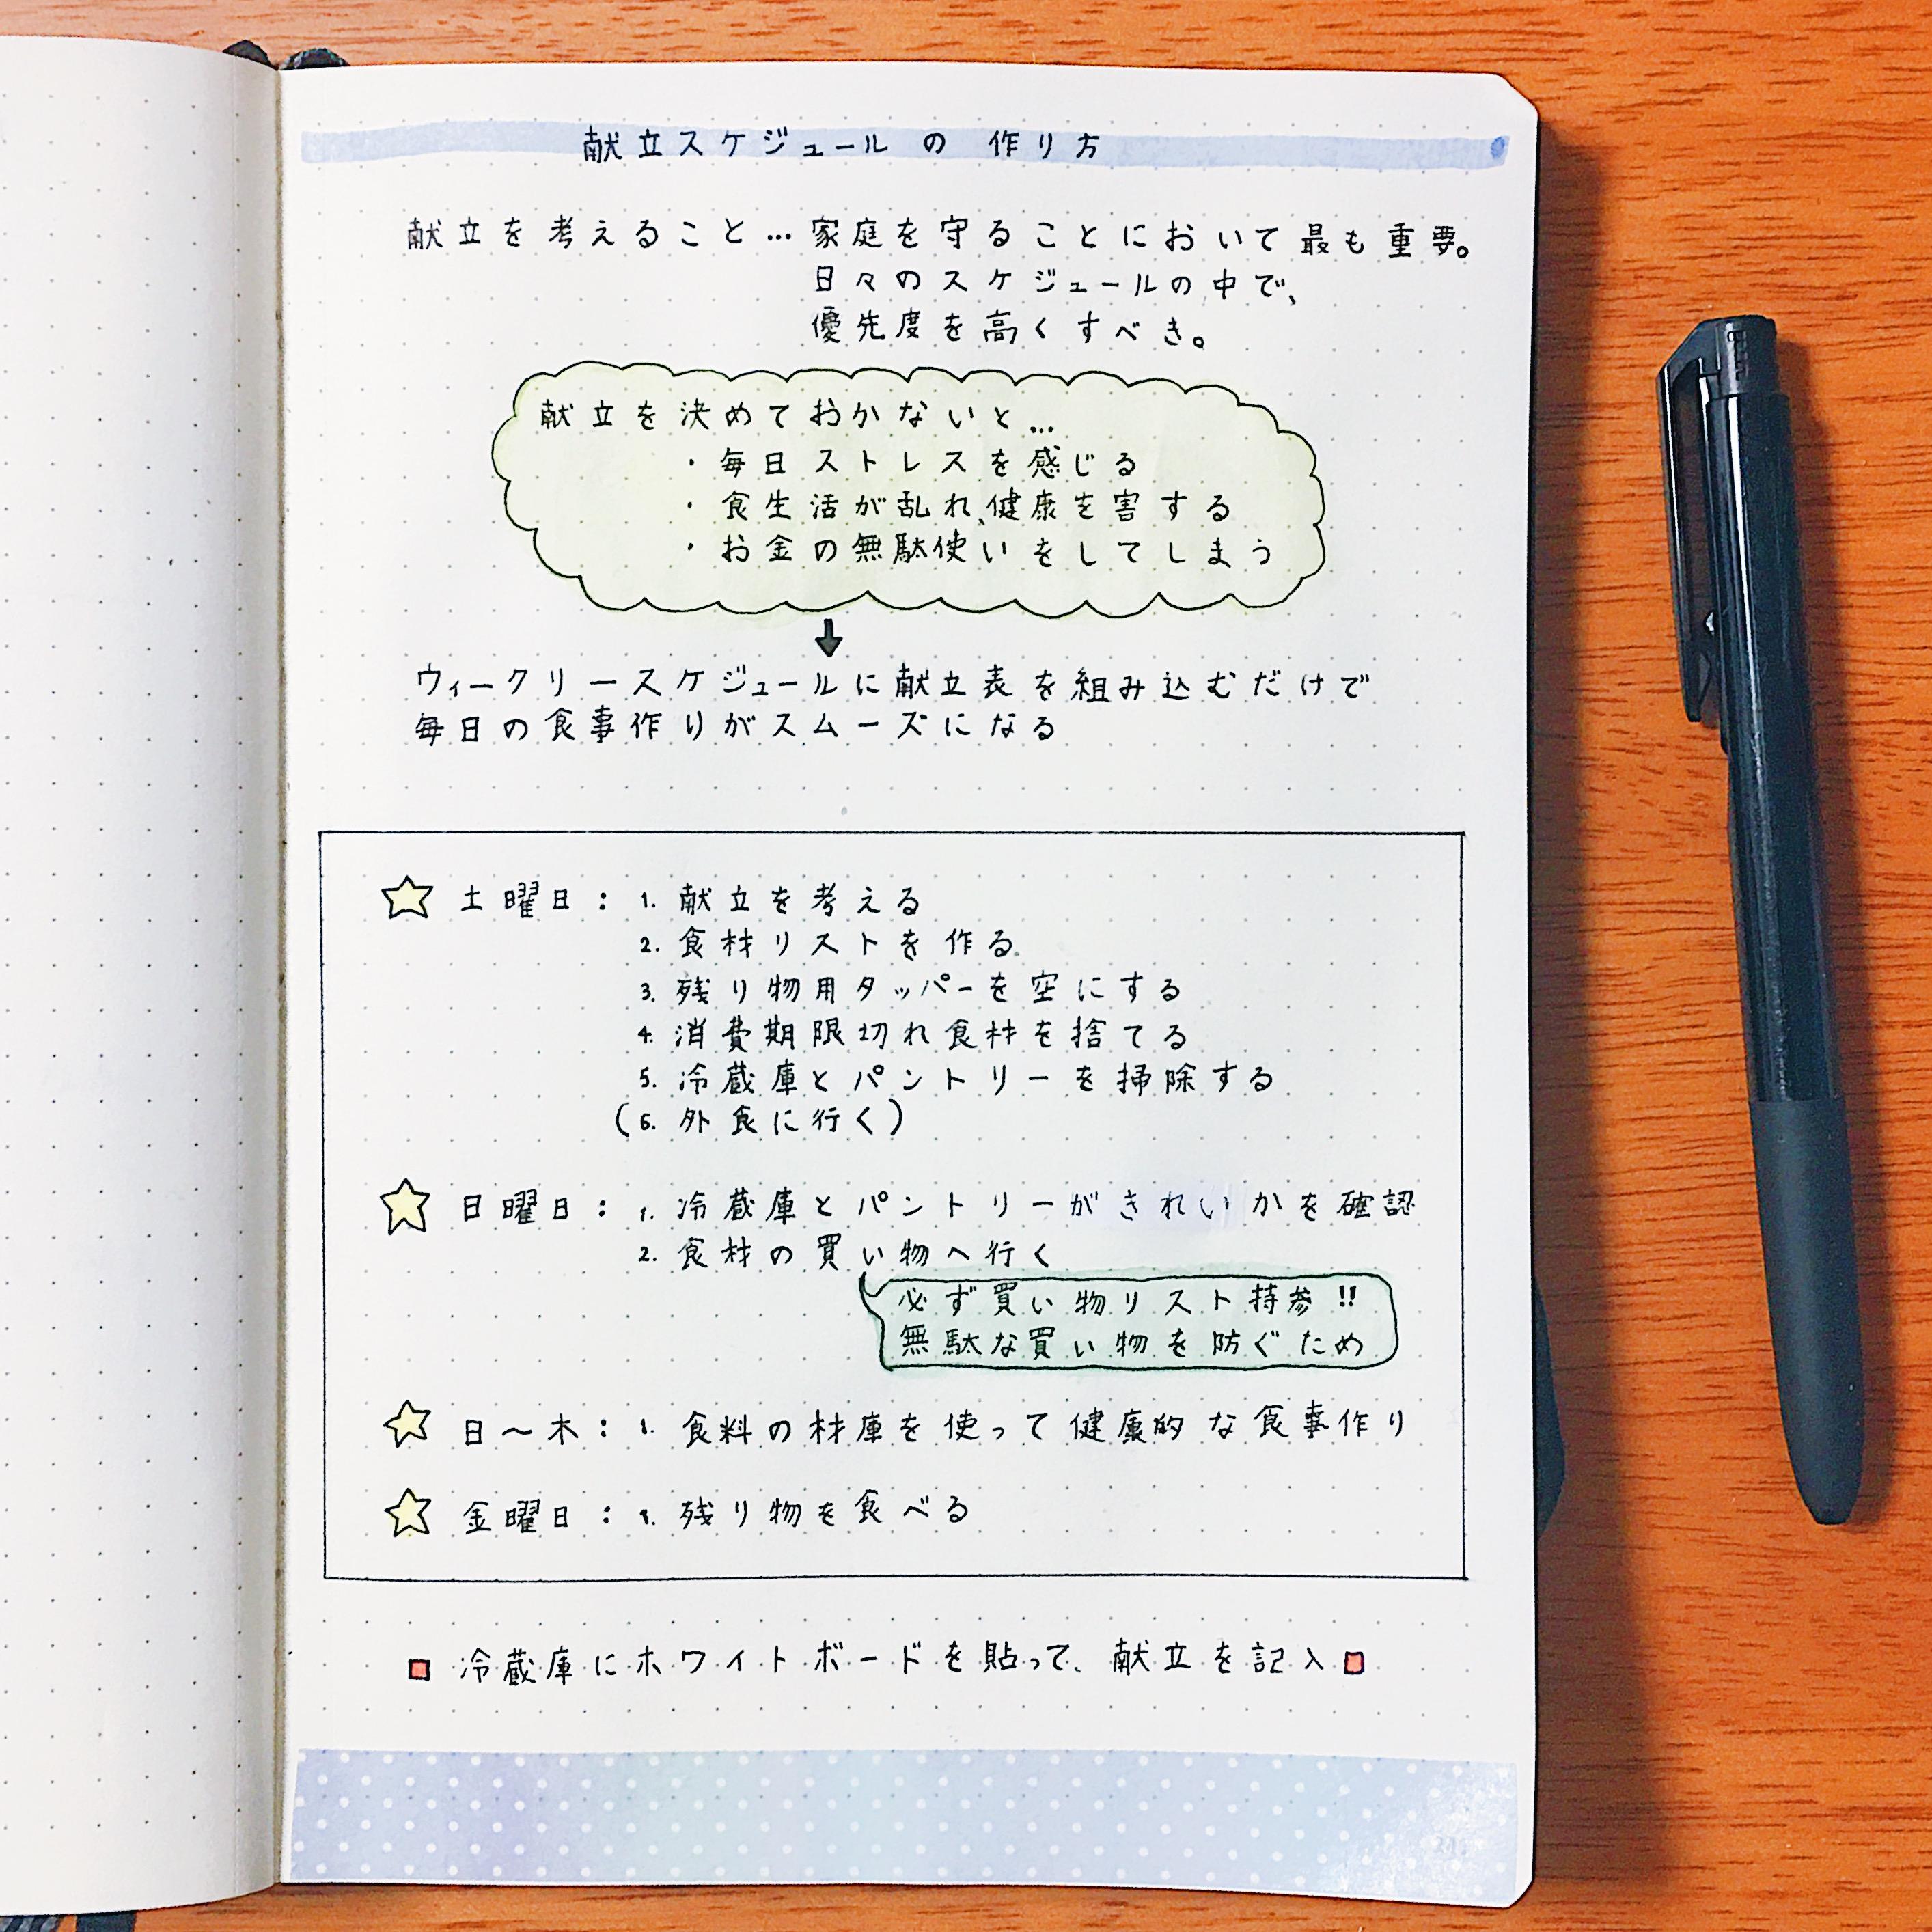 献立スケジュールの作り方 〜ウィークリーページに献立表を組み込もう〜